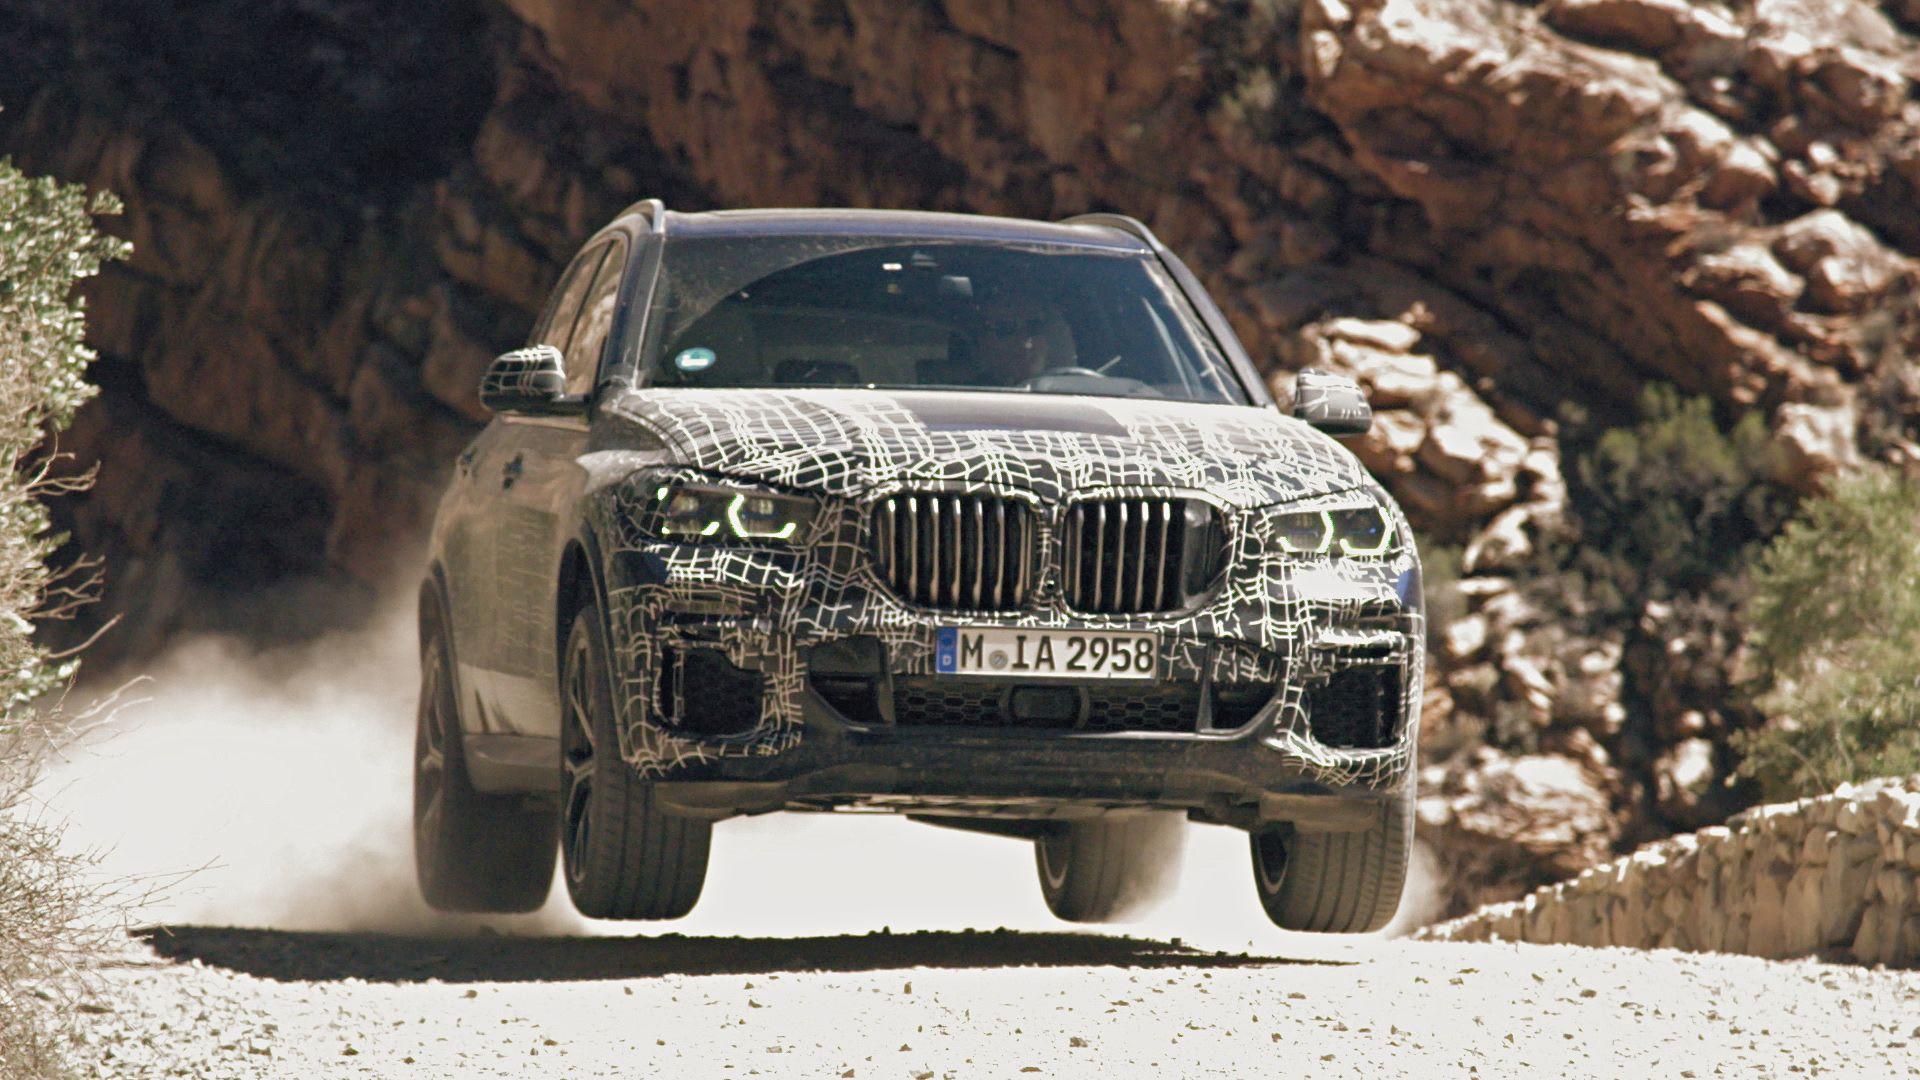 BMW G05 X5 Prototype Testing 3